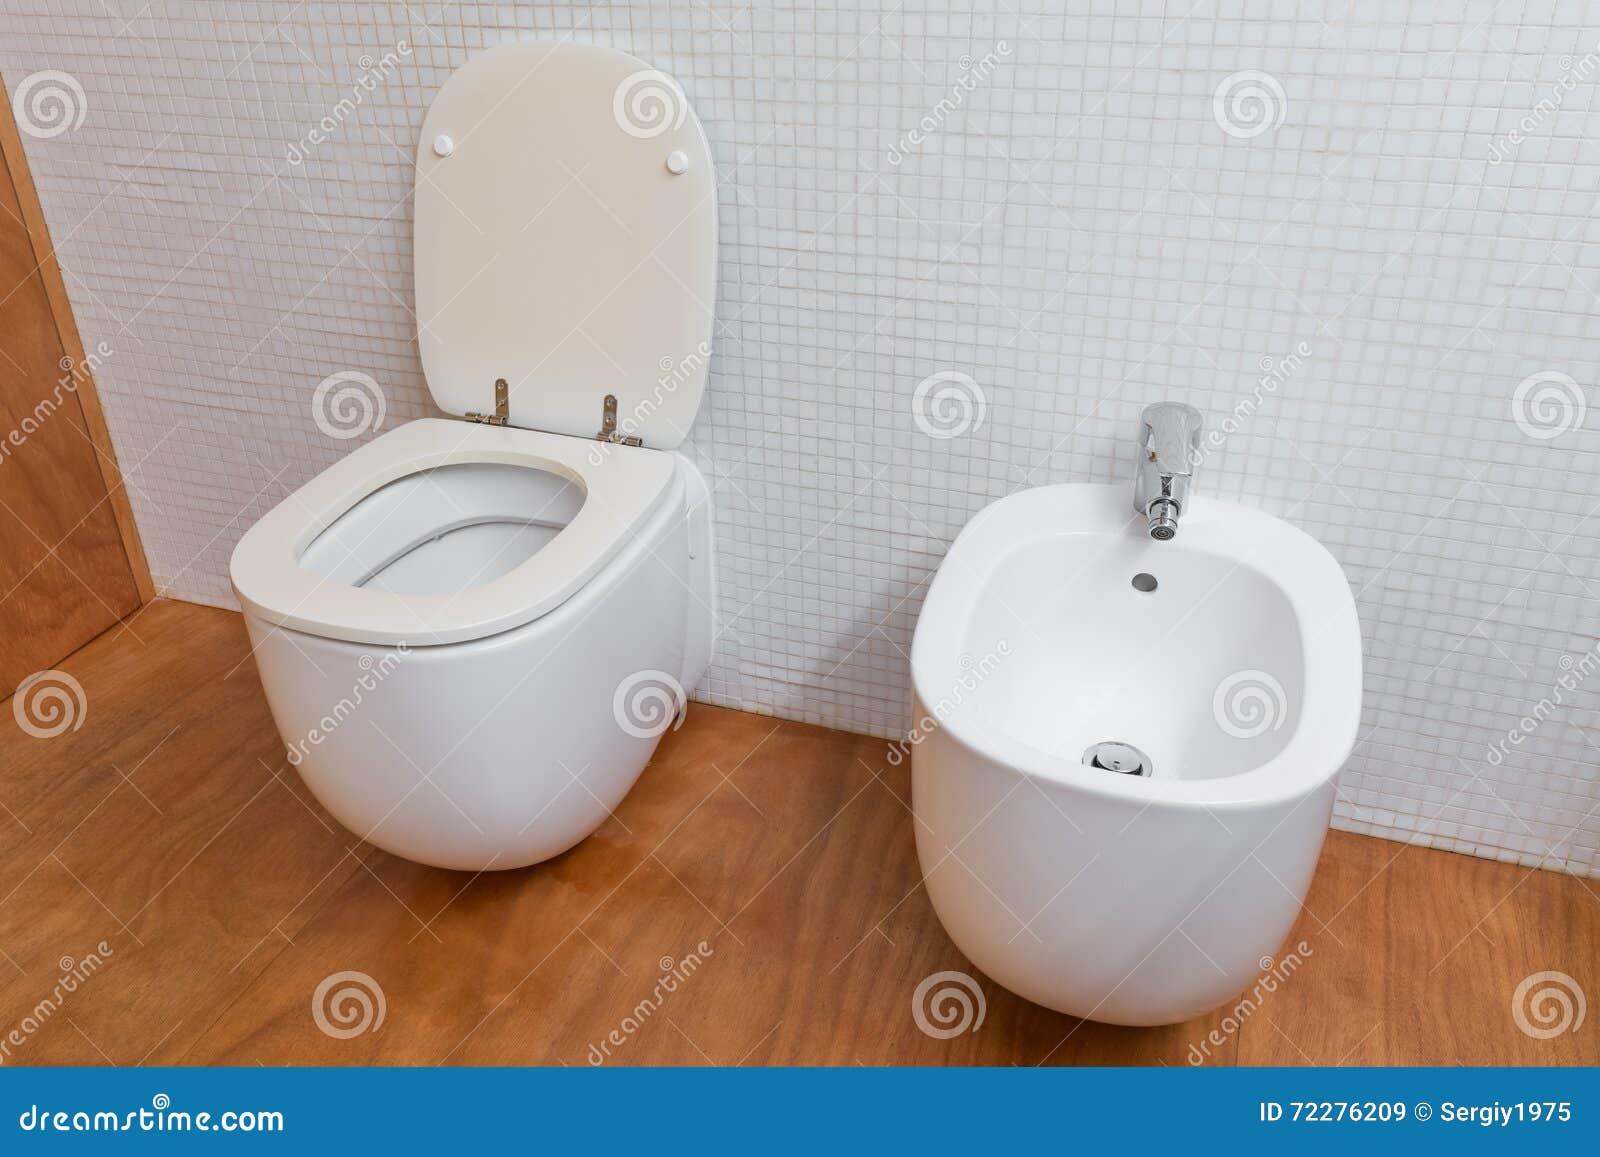 Download Белый крупный план туалета и биде Стоковое Изображение - изображение насчитывающей выпуклины, афоризмов: 72276209